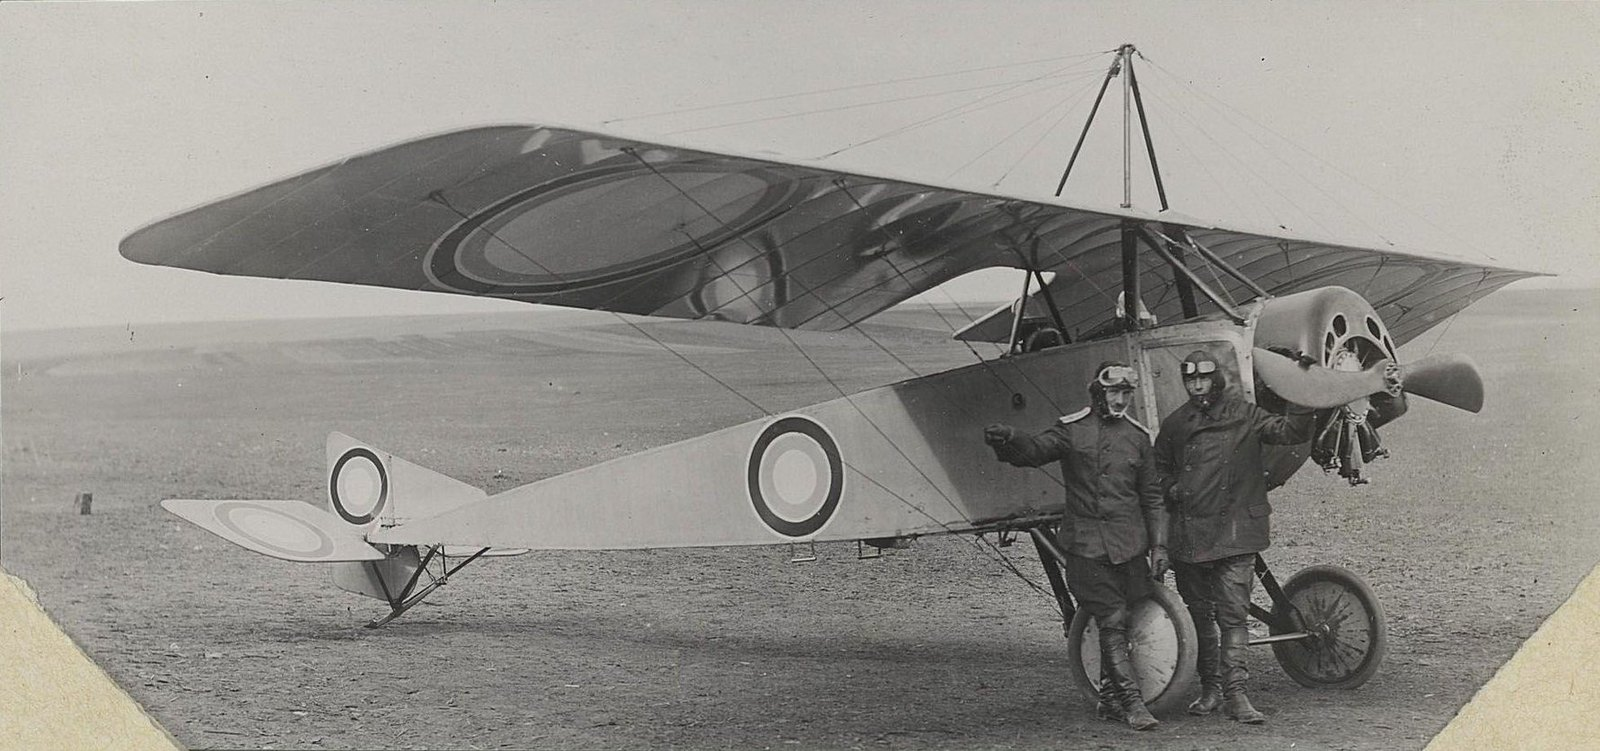 1914. Два лётчика у пропеллера самолёта